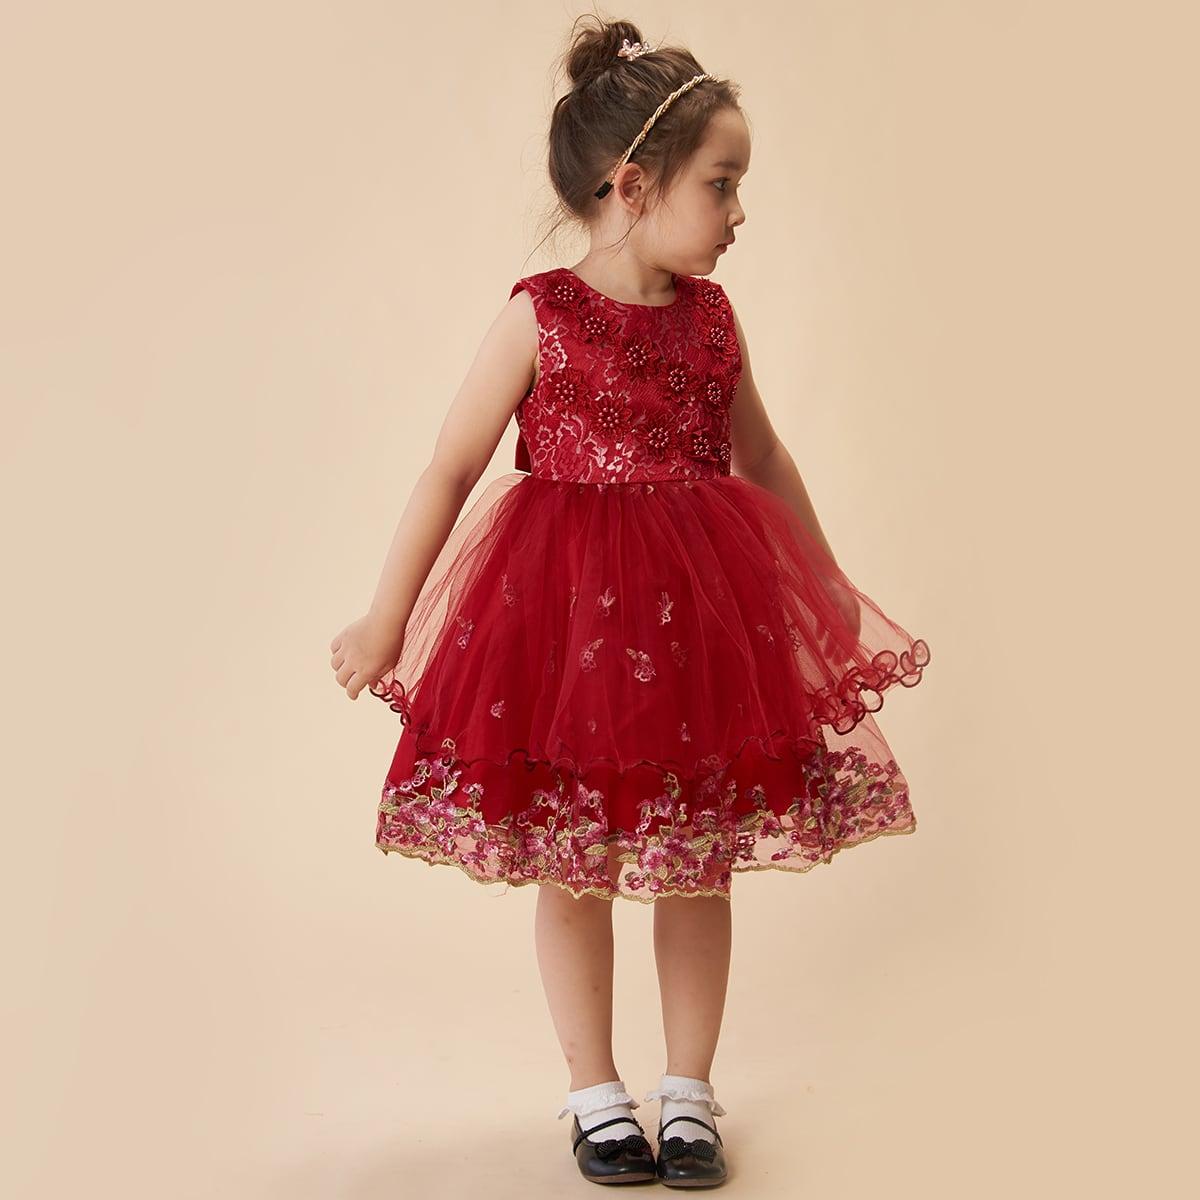 SHEIN / Vestido de fiesta de malla con bordado floral con cuenta